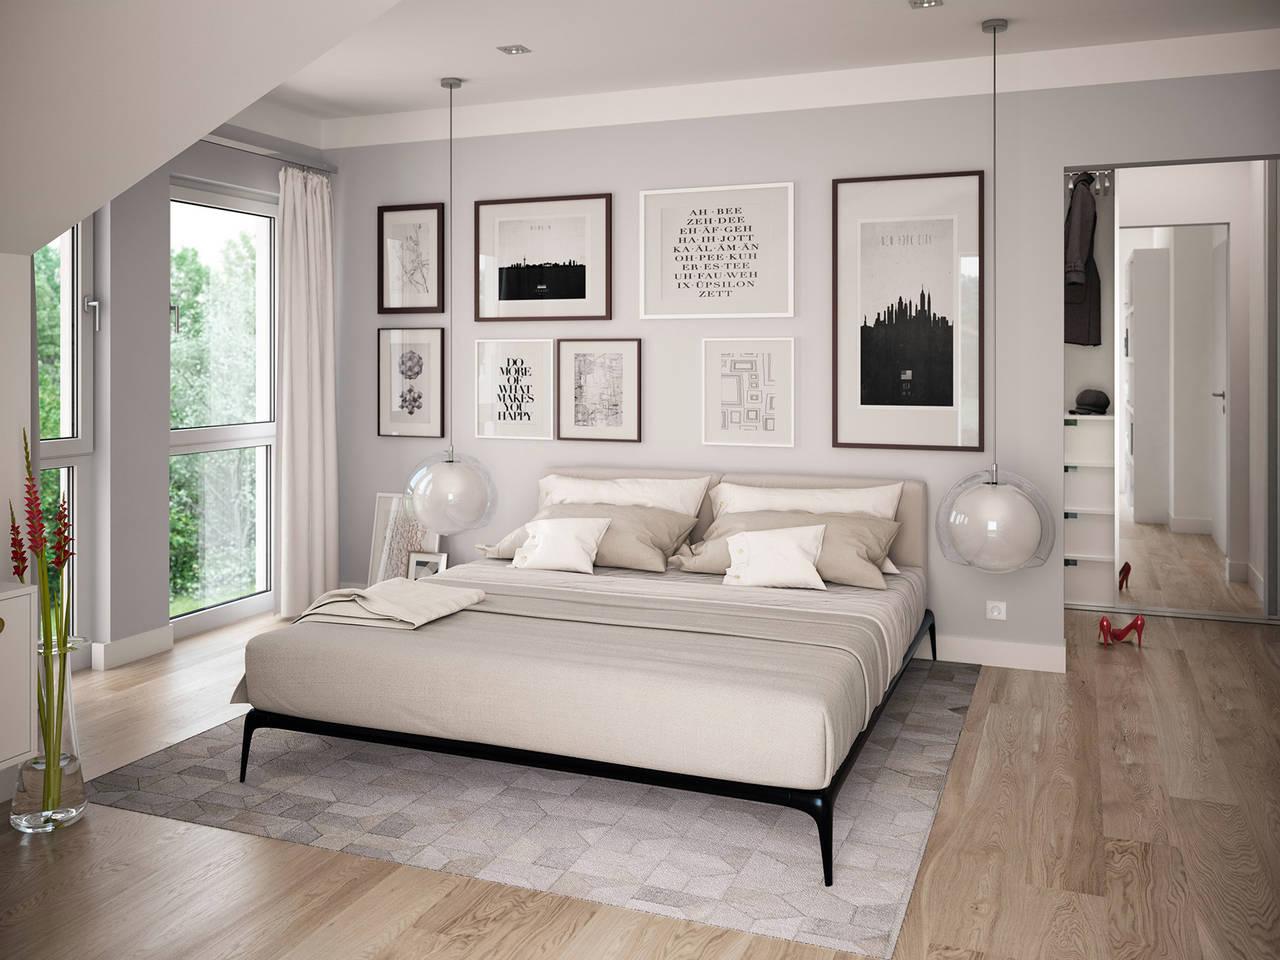 Haus SOLUTION 126 XL V5 Schlafzimmer von Living Haus